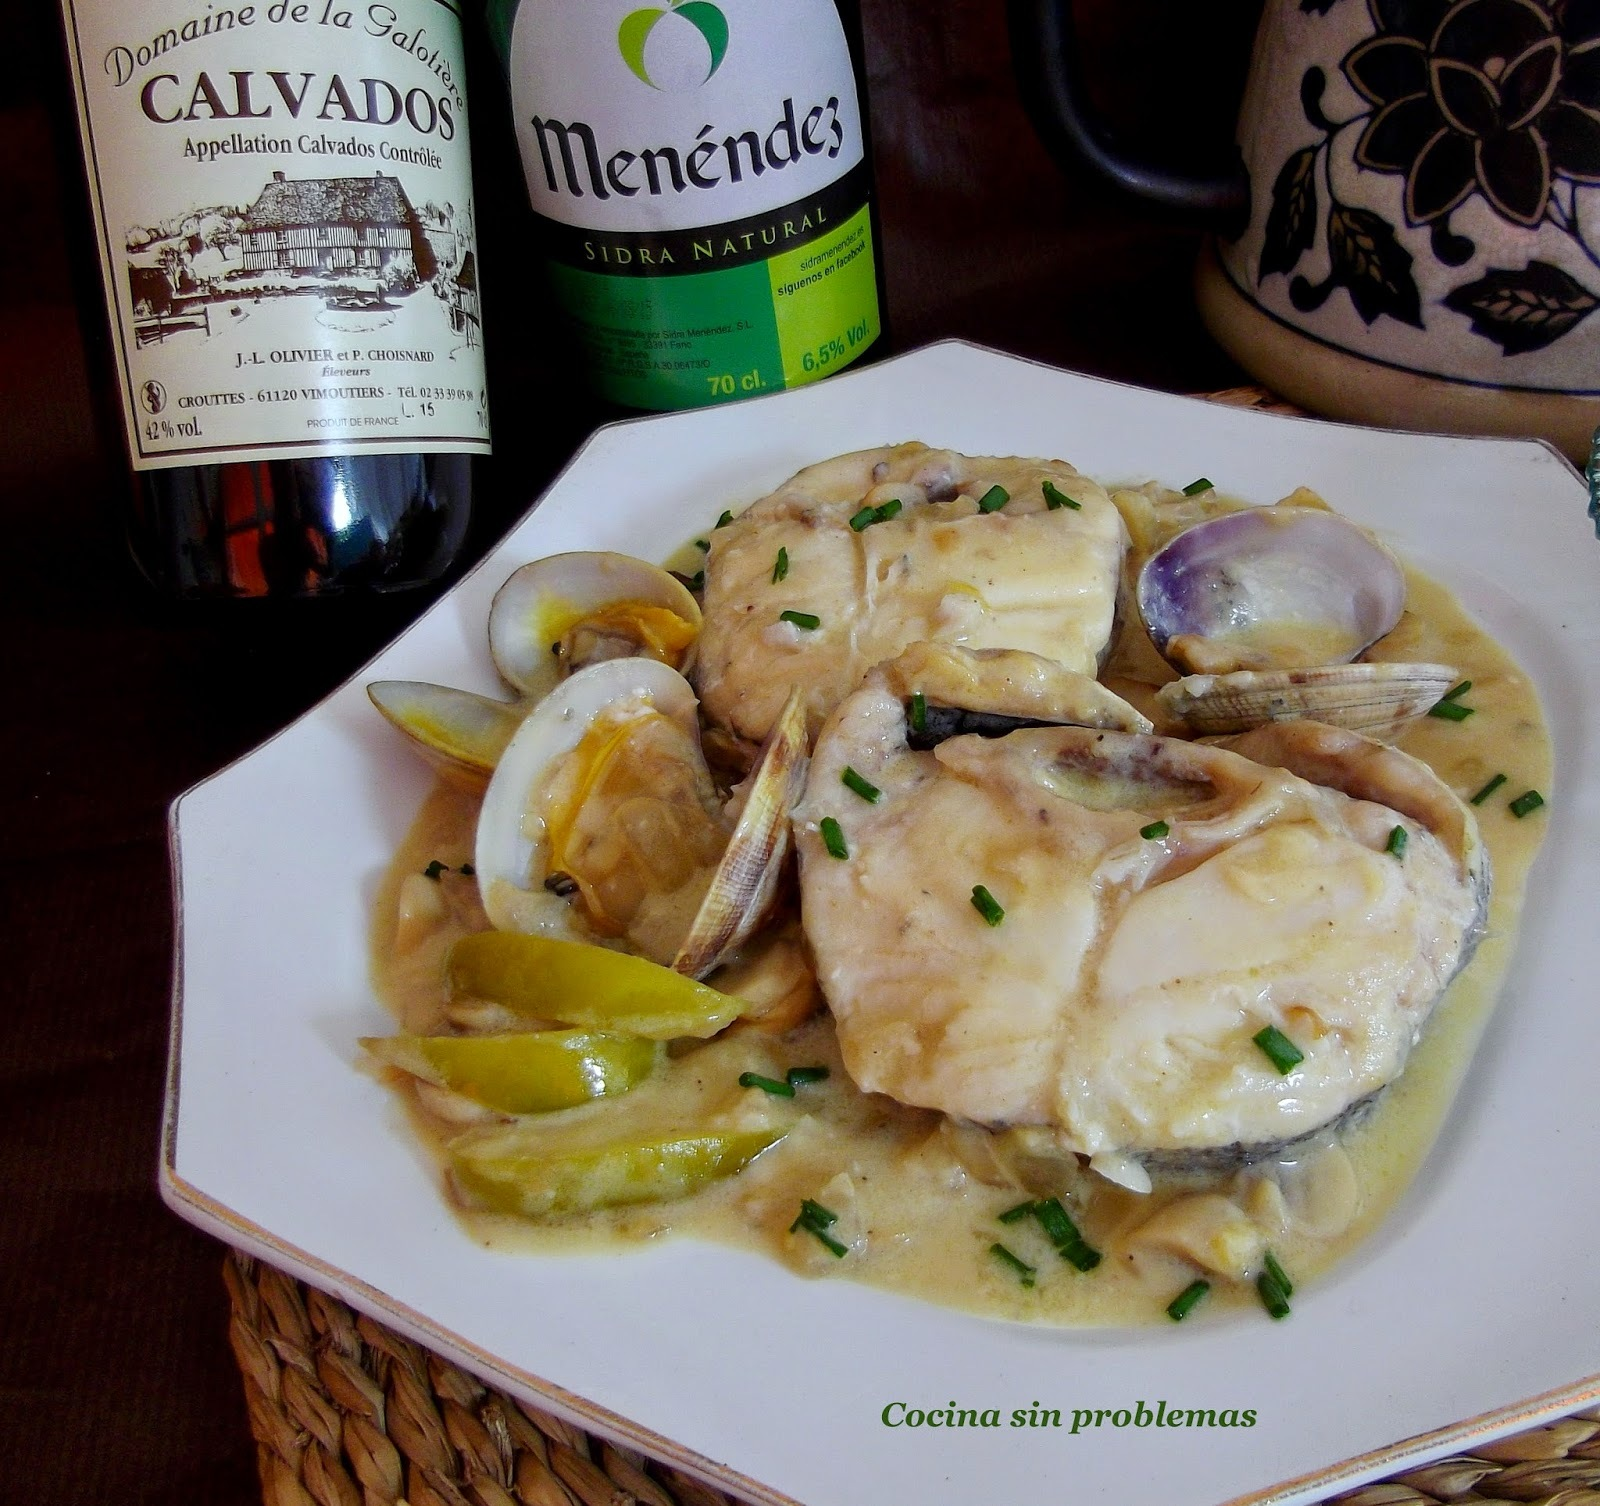 Merluza en salsa blanca de sidra y calvados.